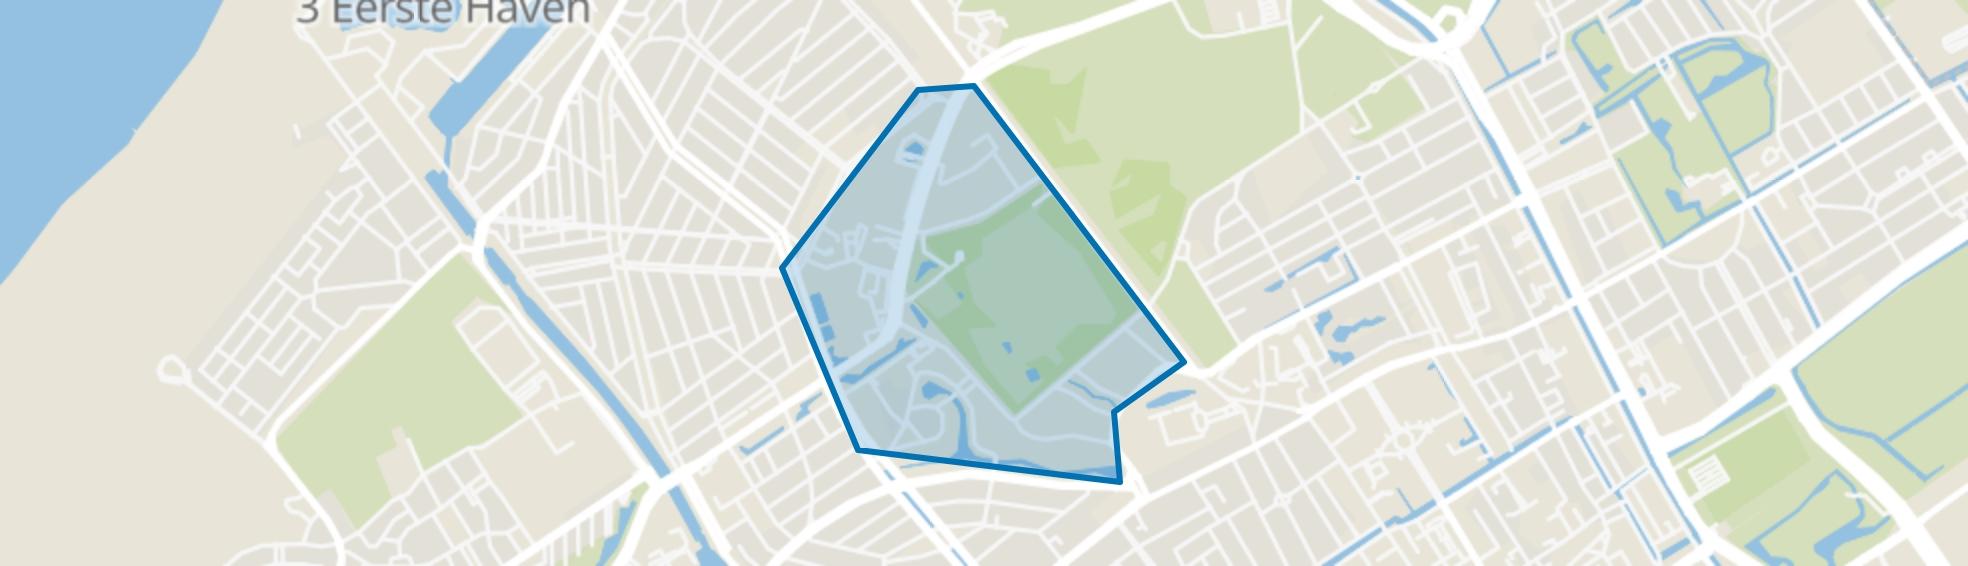 Zorgvliet, Den Haag map